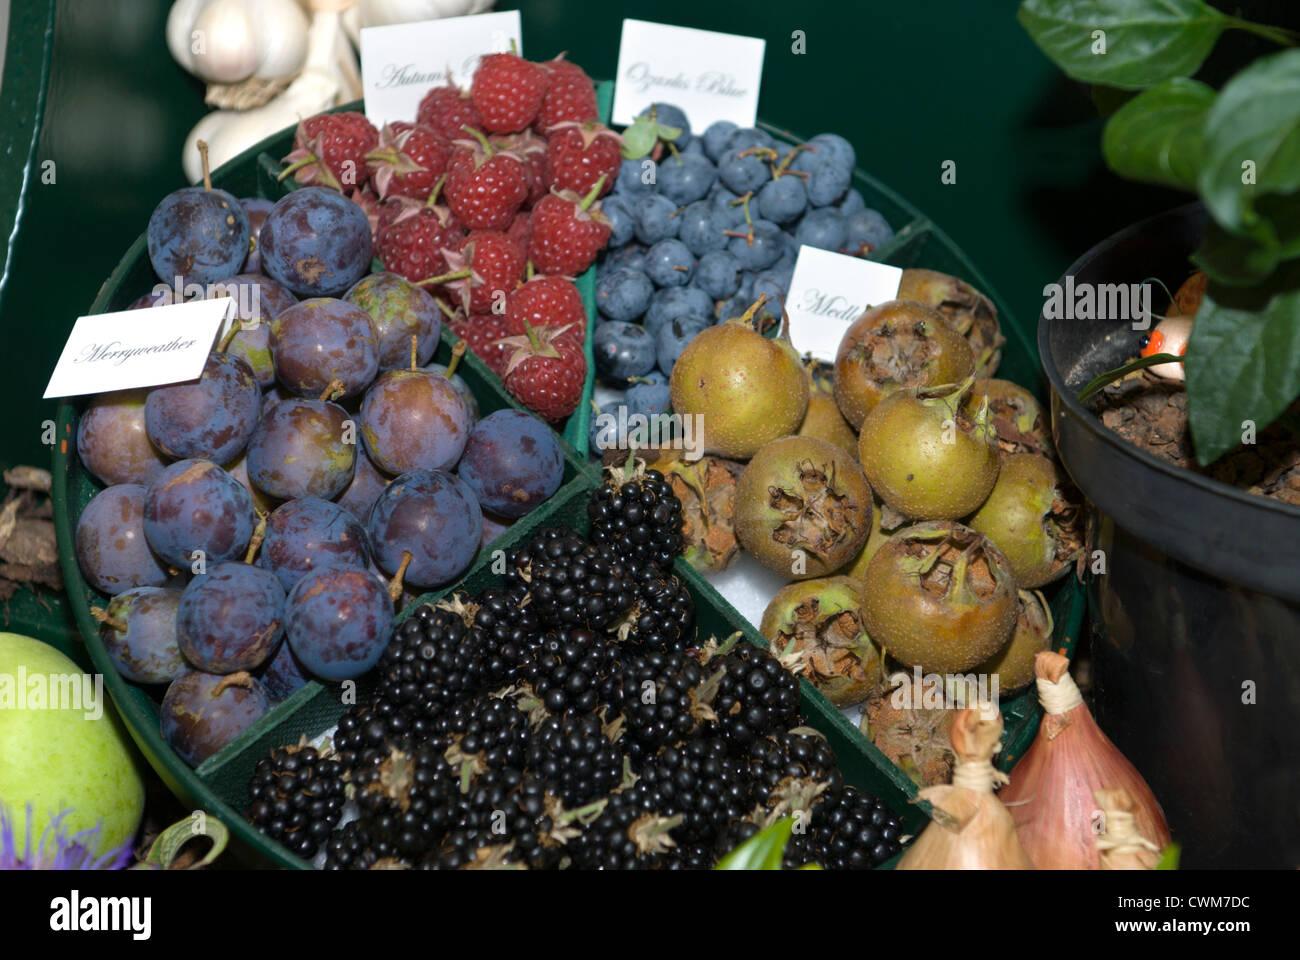 Gut bekannt Eine Darstellung der Hecke oder PYO Frucht. Himbeere 'Autumn Bliss FZ79